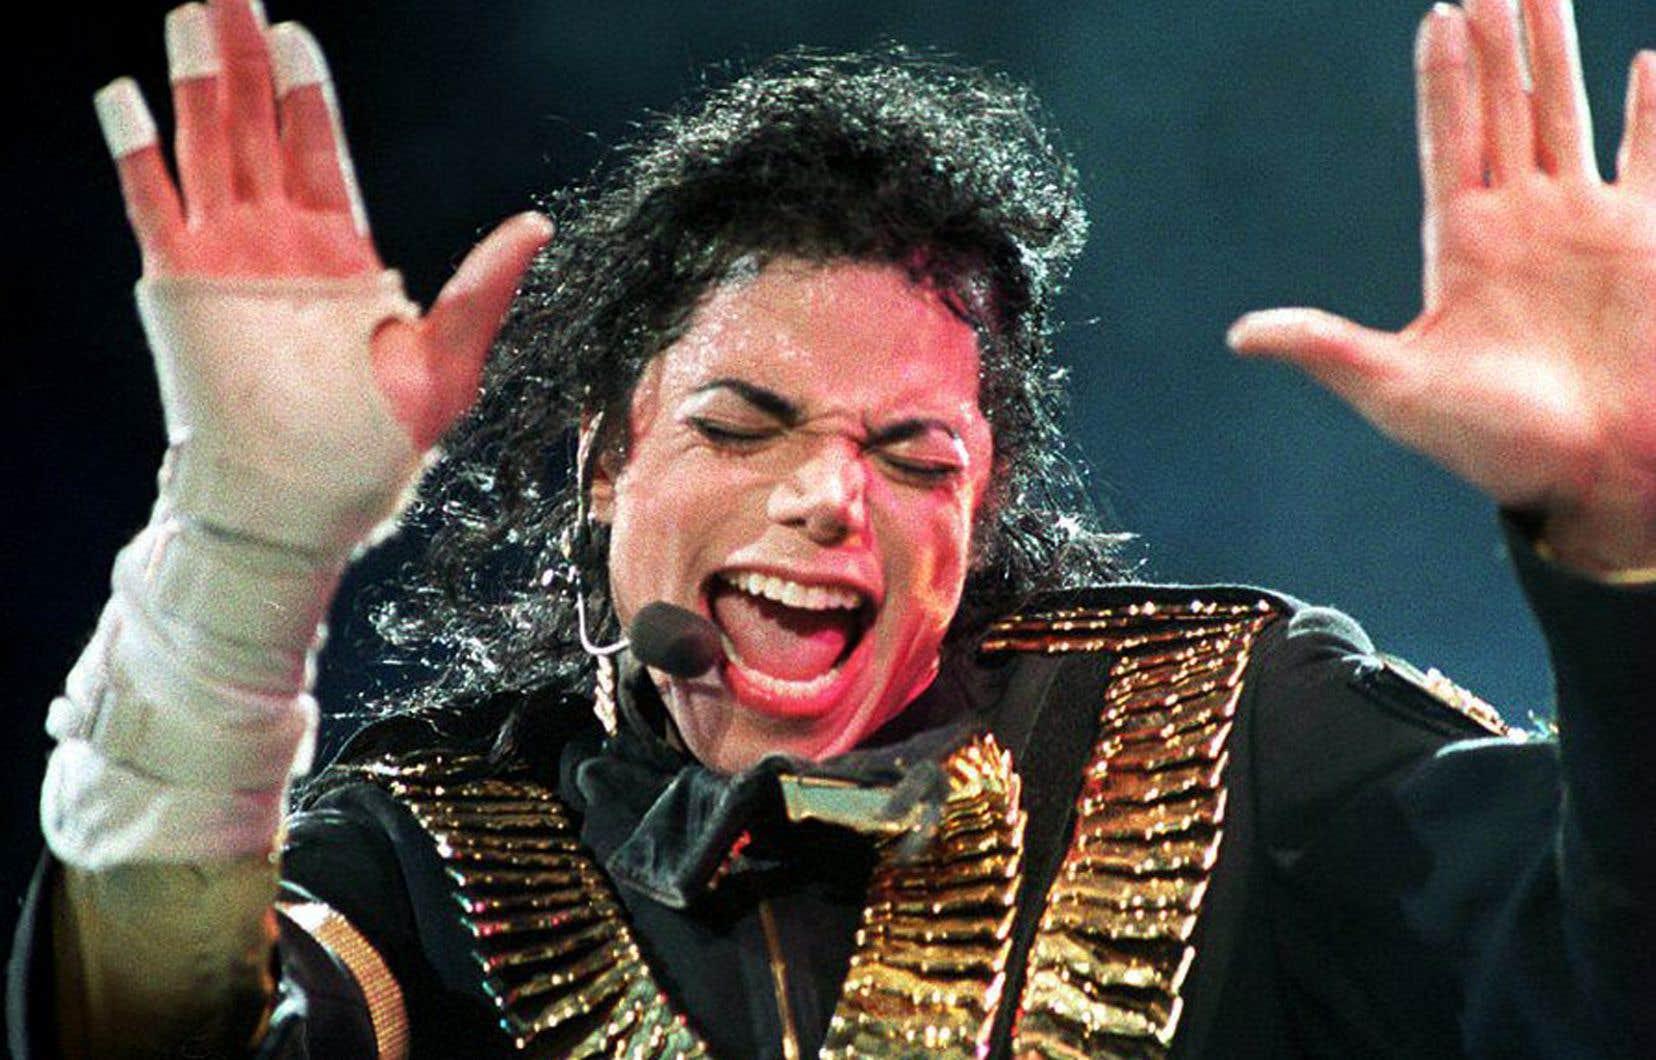 Que faire de l'oeuvre et de la mémoire de Michael Jackson en regard des allégations persistantes dont il fait l'objet? s'interroge l'auteur.